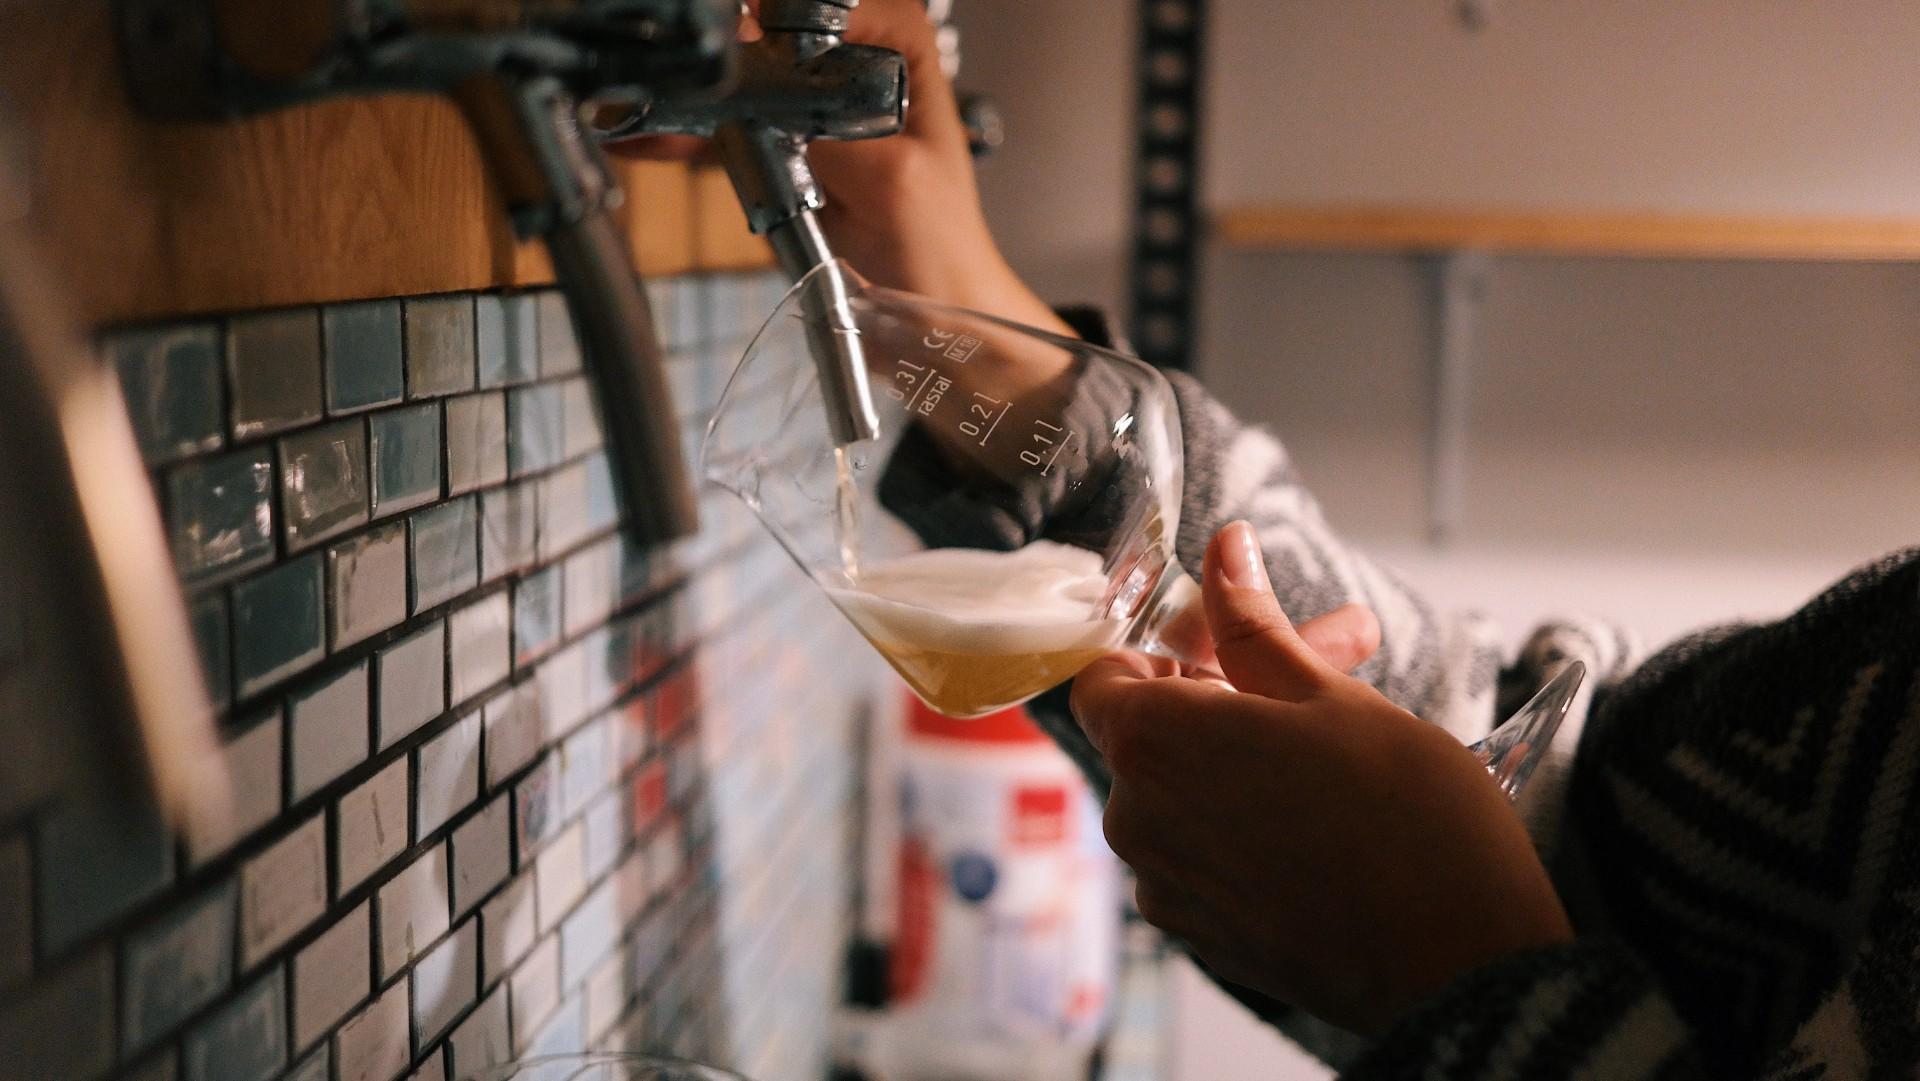 bryg din egen øl - livsstilen.dk